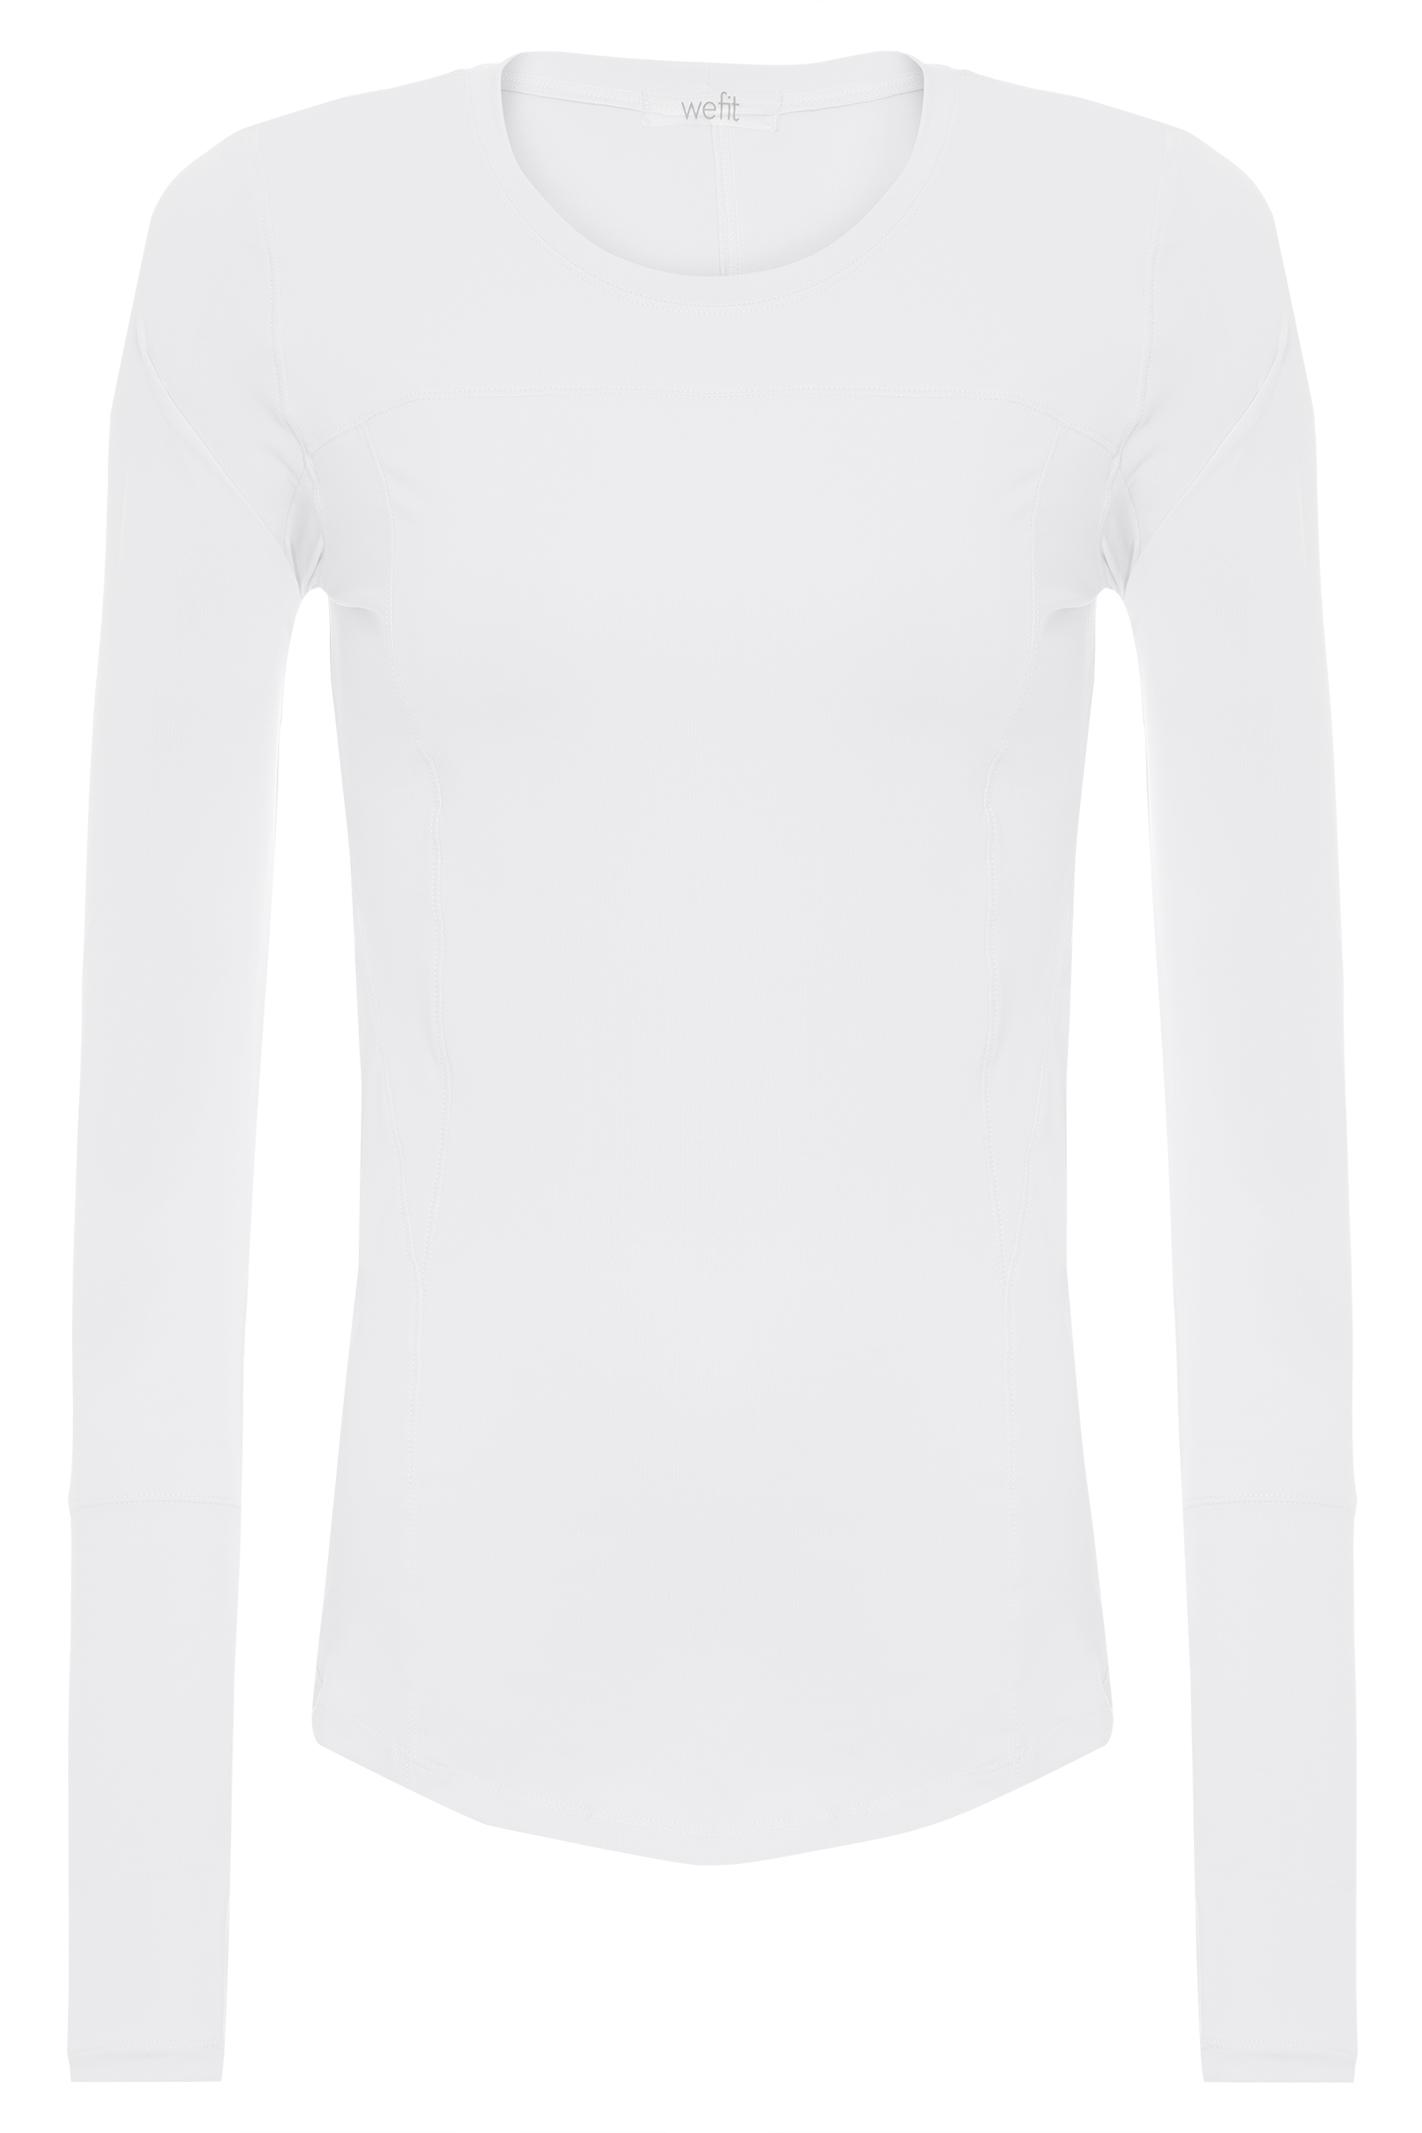 Camiseta Ml Basic